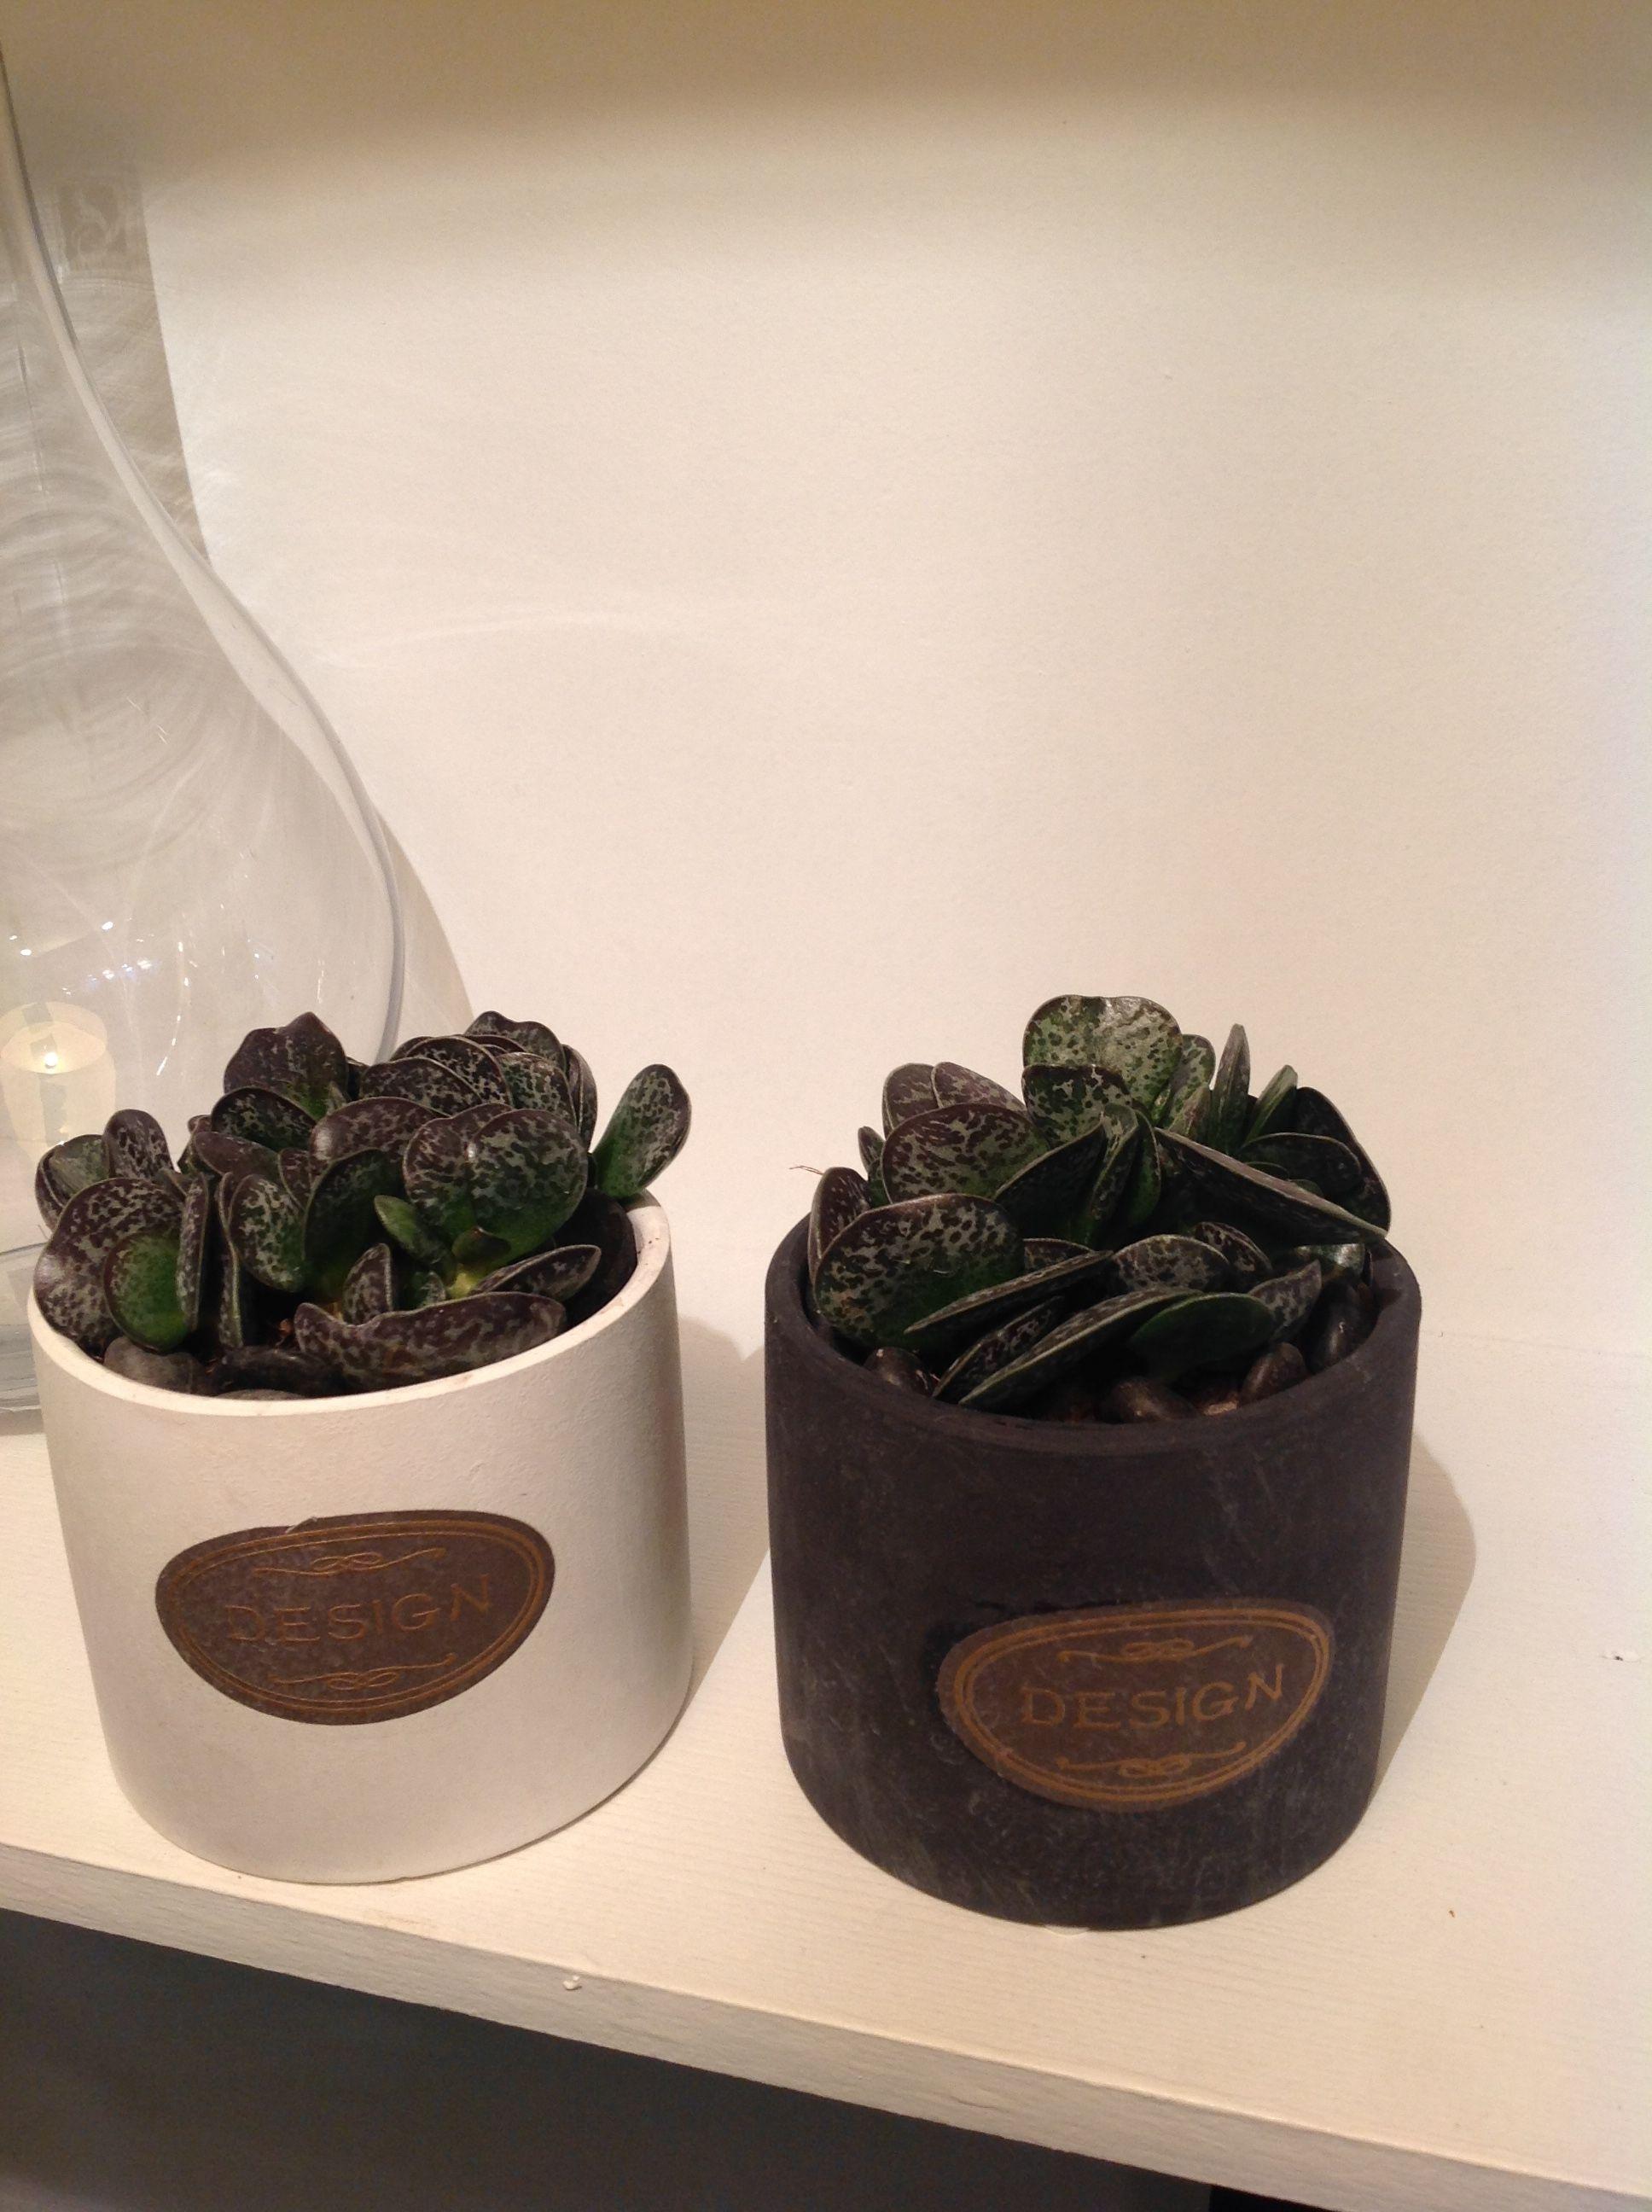 Plante fleurie ou verte, cactus, plante grasse, arbre